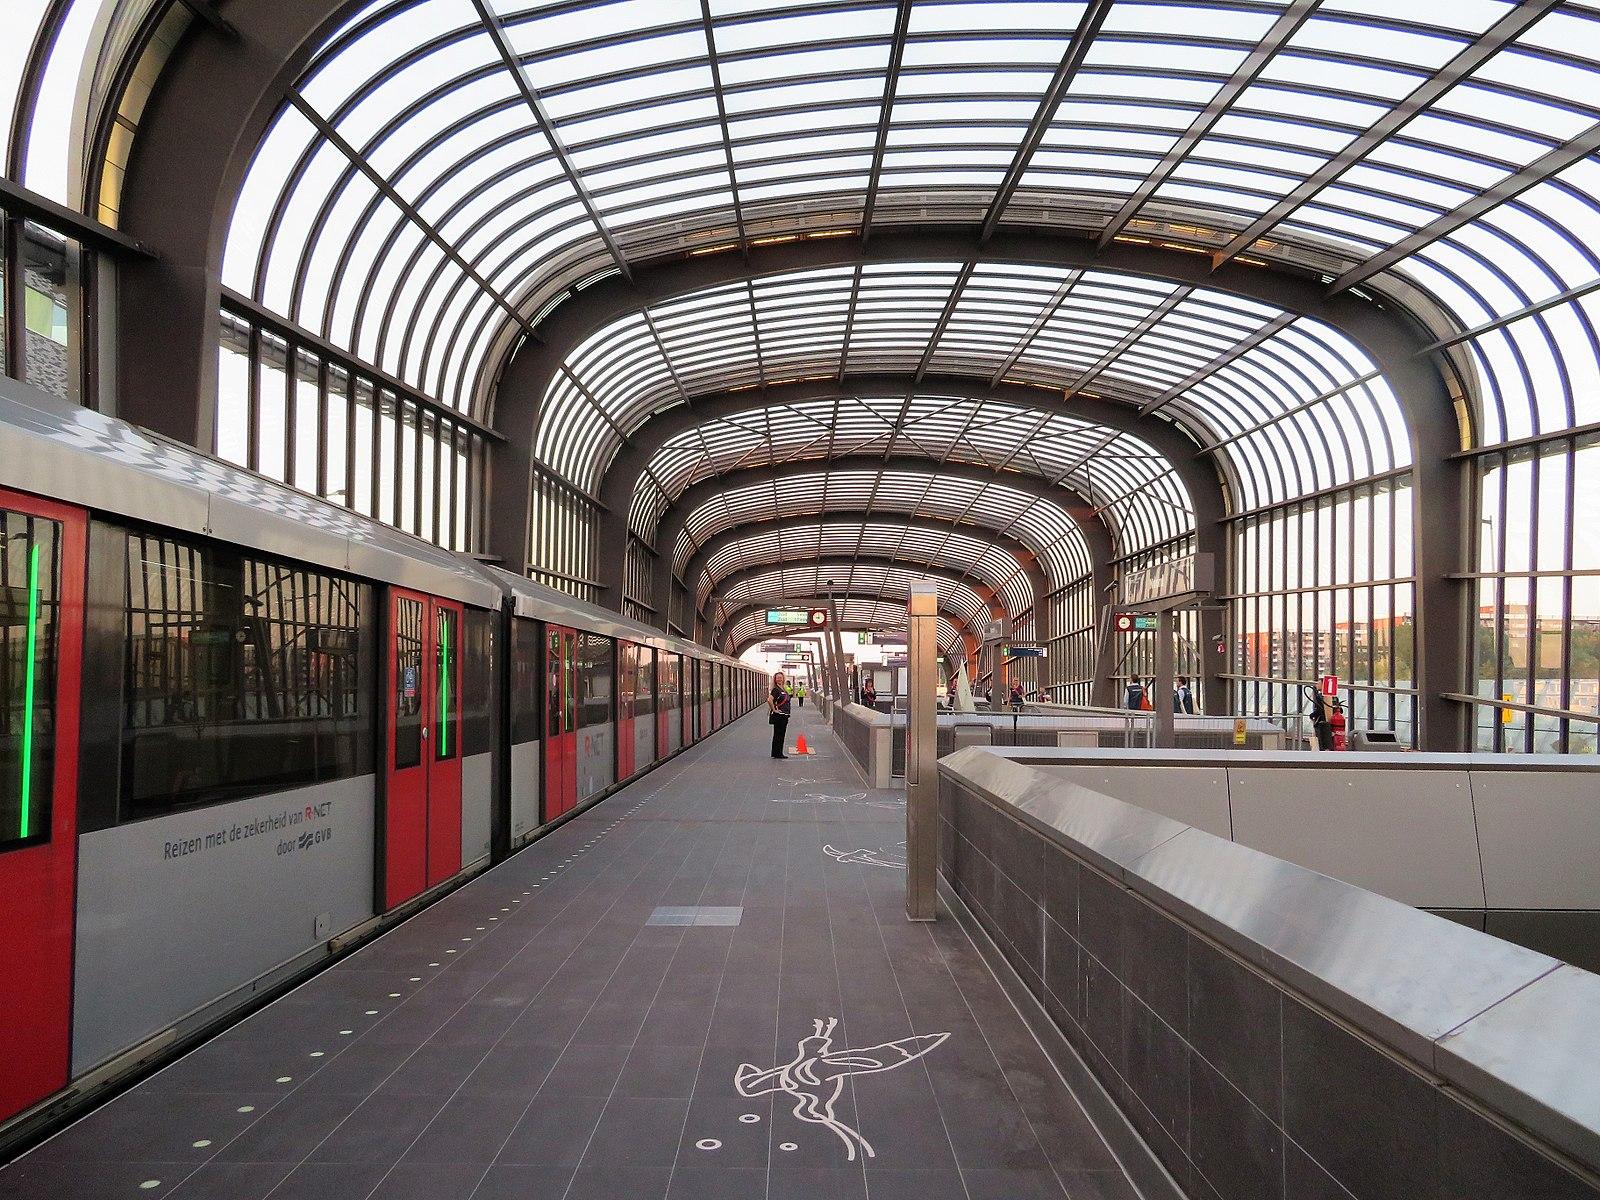 암스테르담 북쪽으로 가는 열차가 개통되다!